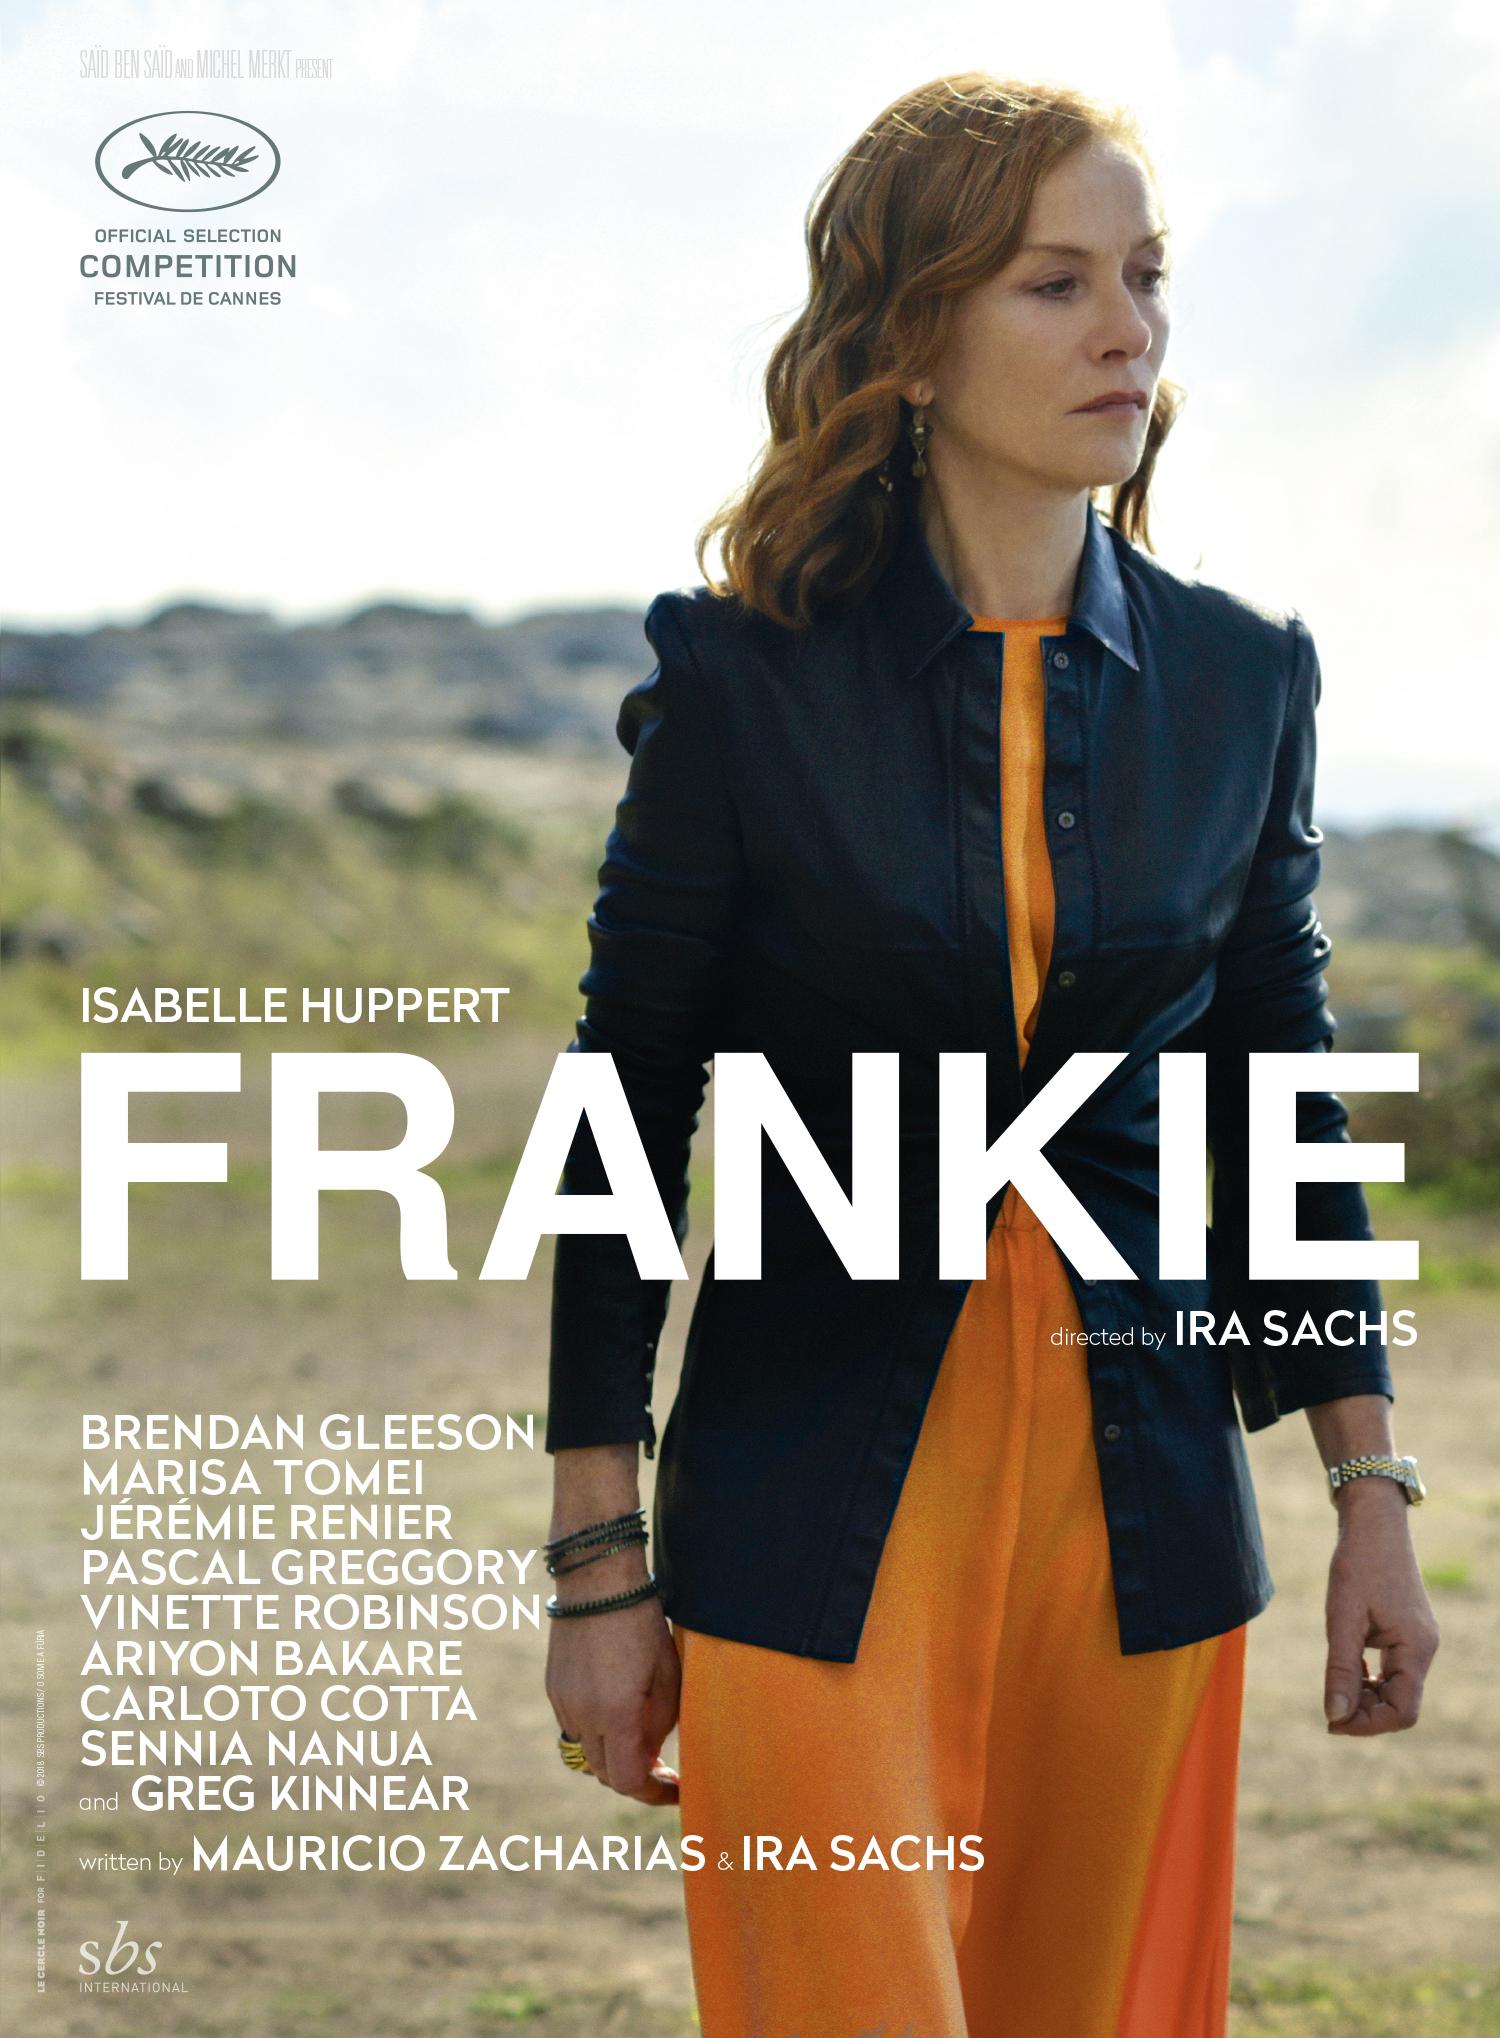 Frankie affiche film critique avis cannes 2019